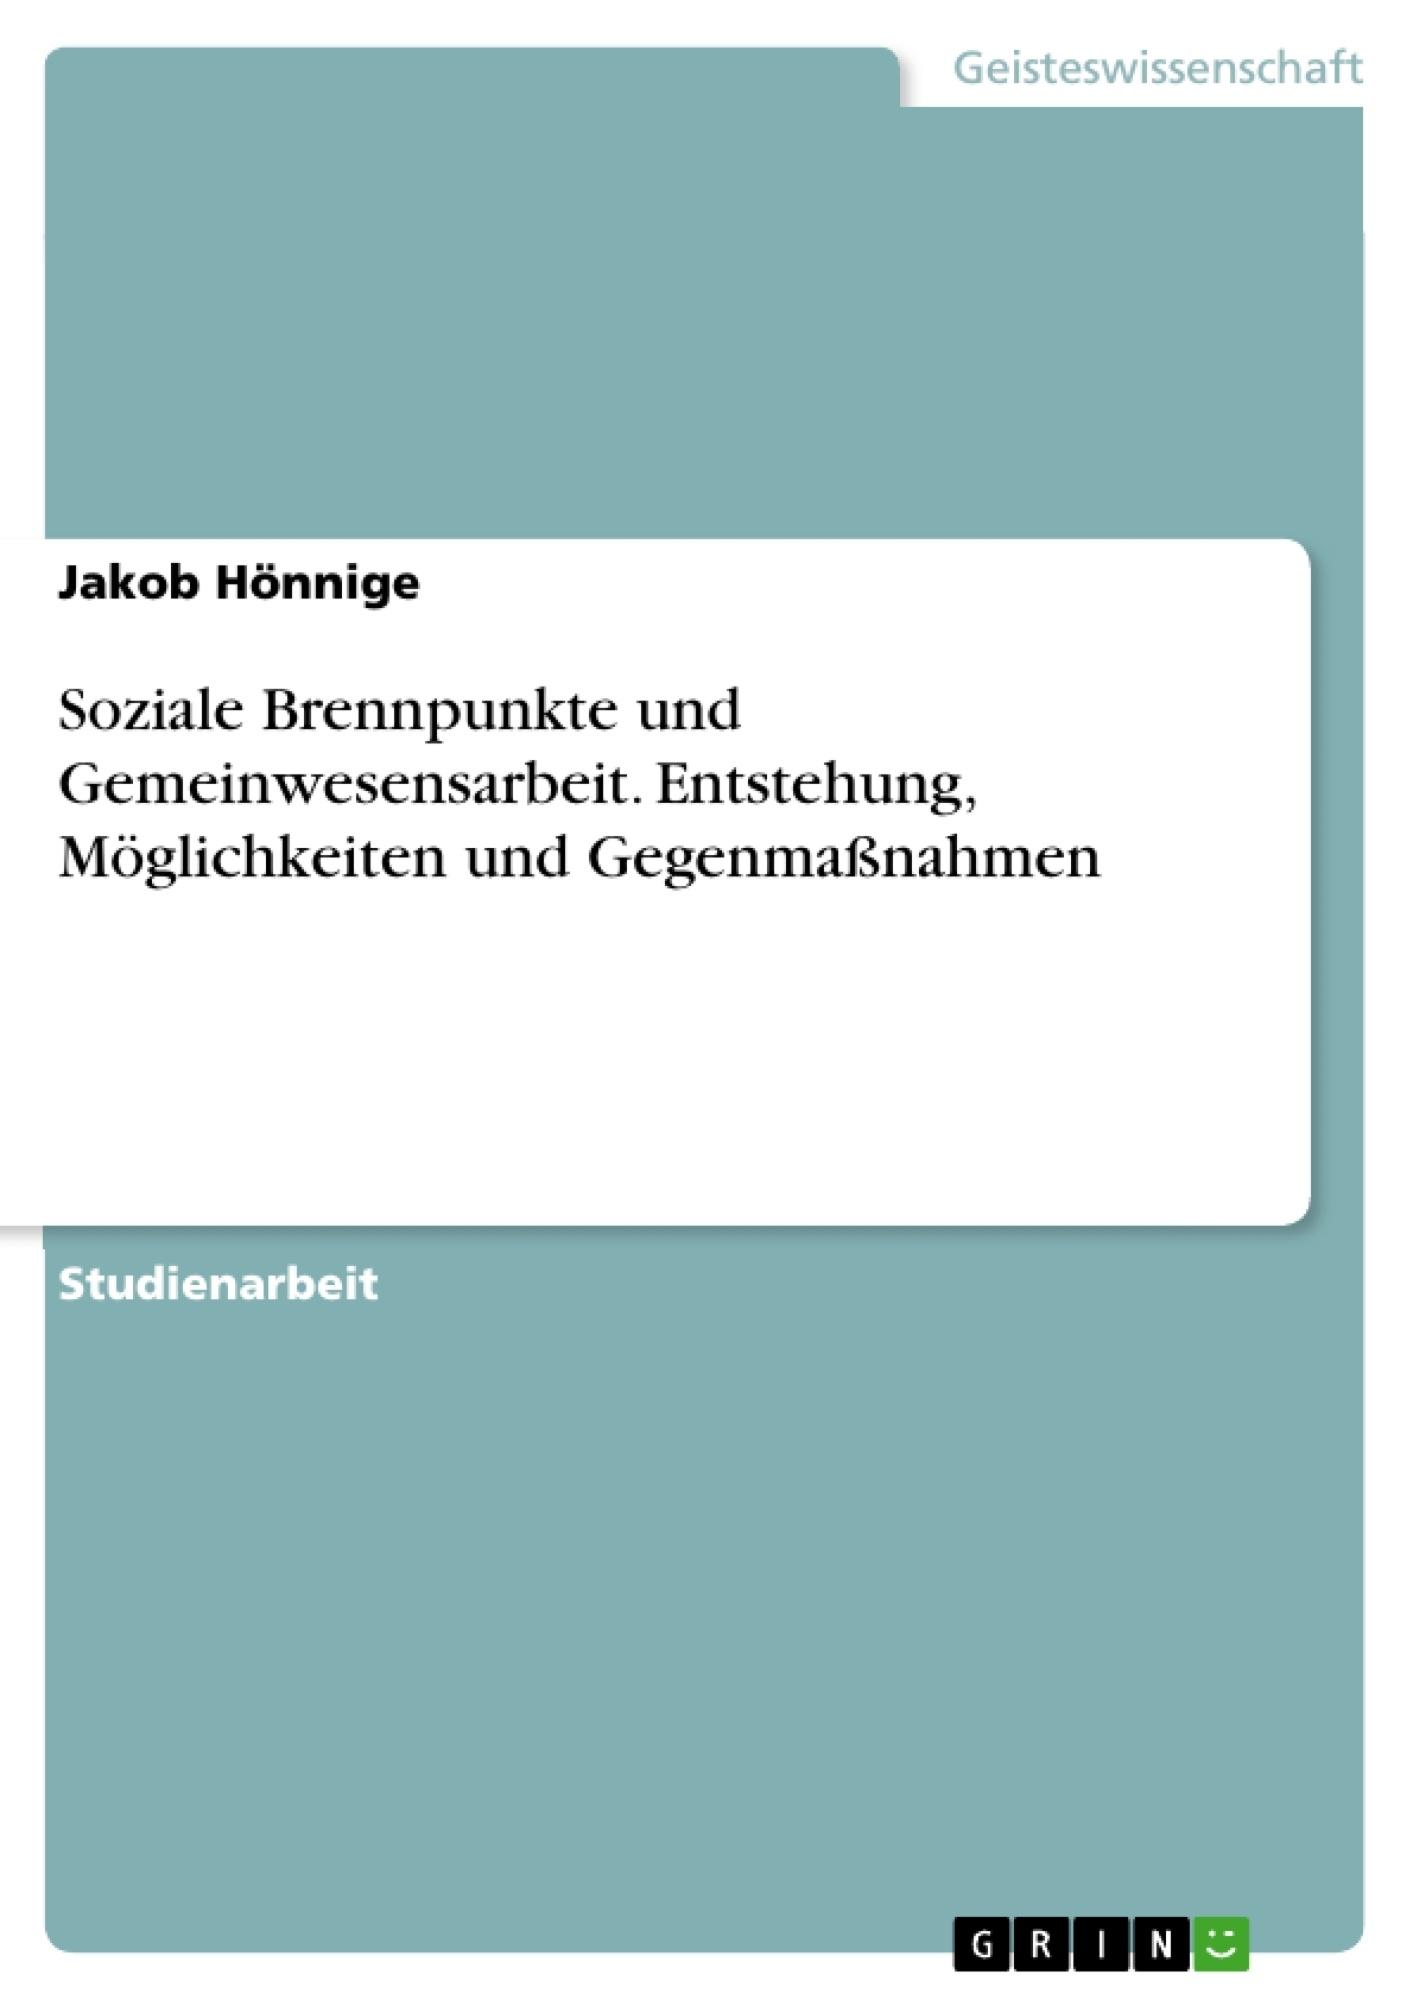 Titel: Soziale Brennpunkte und Gemeinwesensarbeit. Entstehung, Möglichkeiten und Gegenmaßnahmen